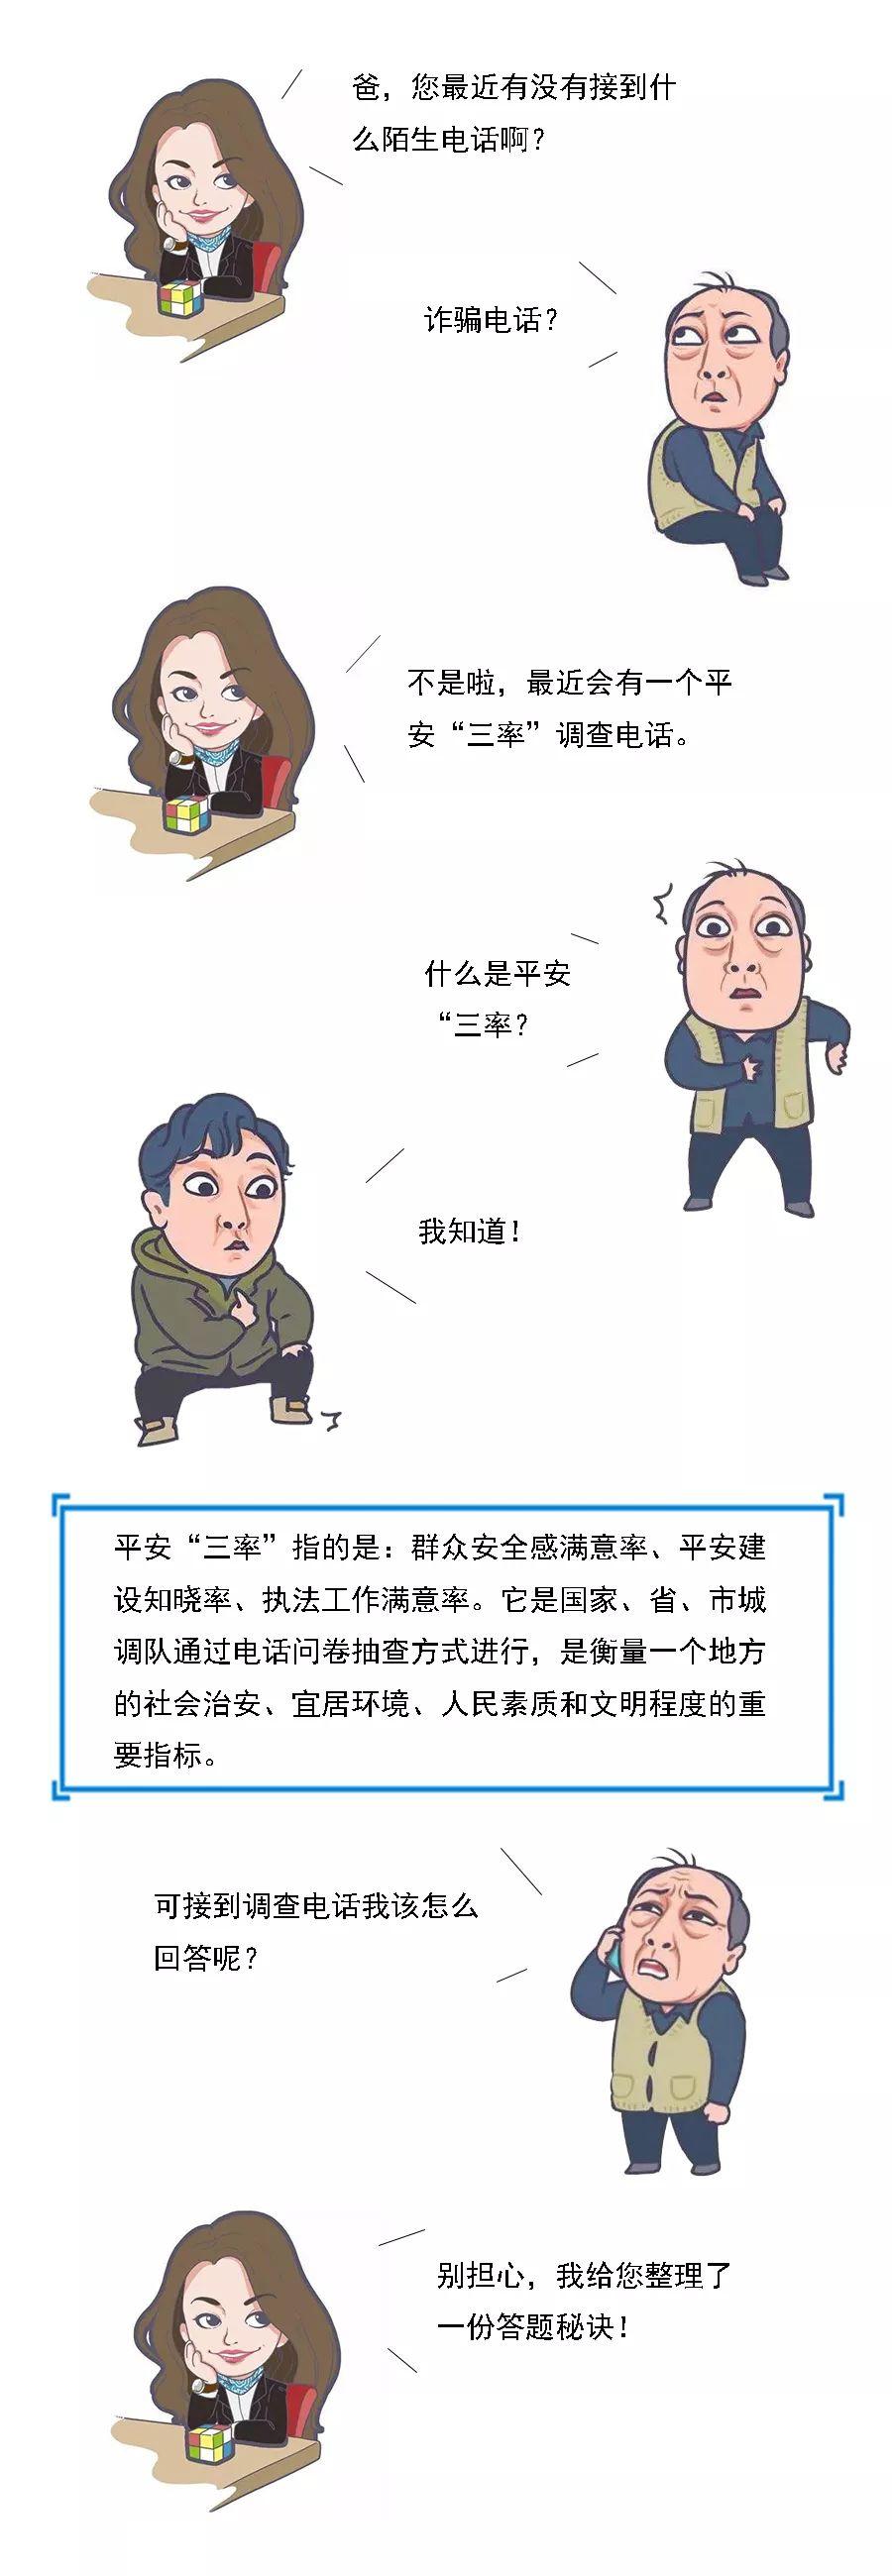 """【平安""""三率""""】苏大强接到诈骗电话了?"""